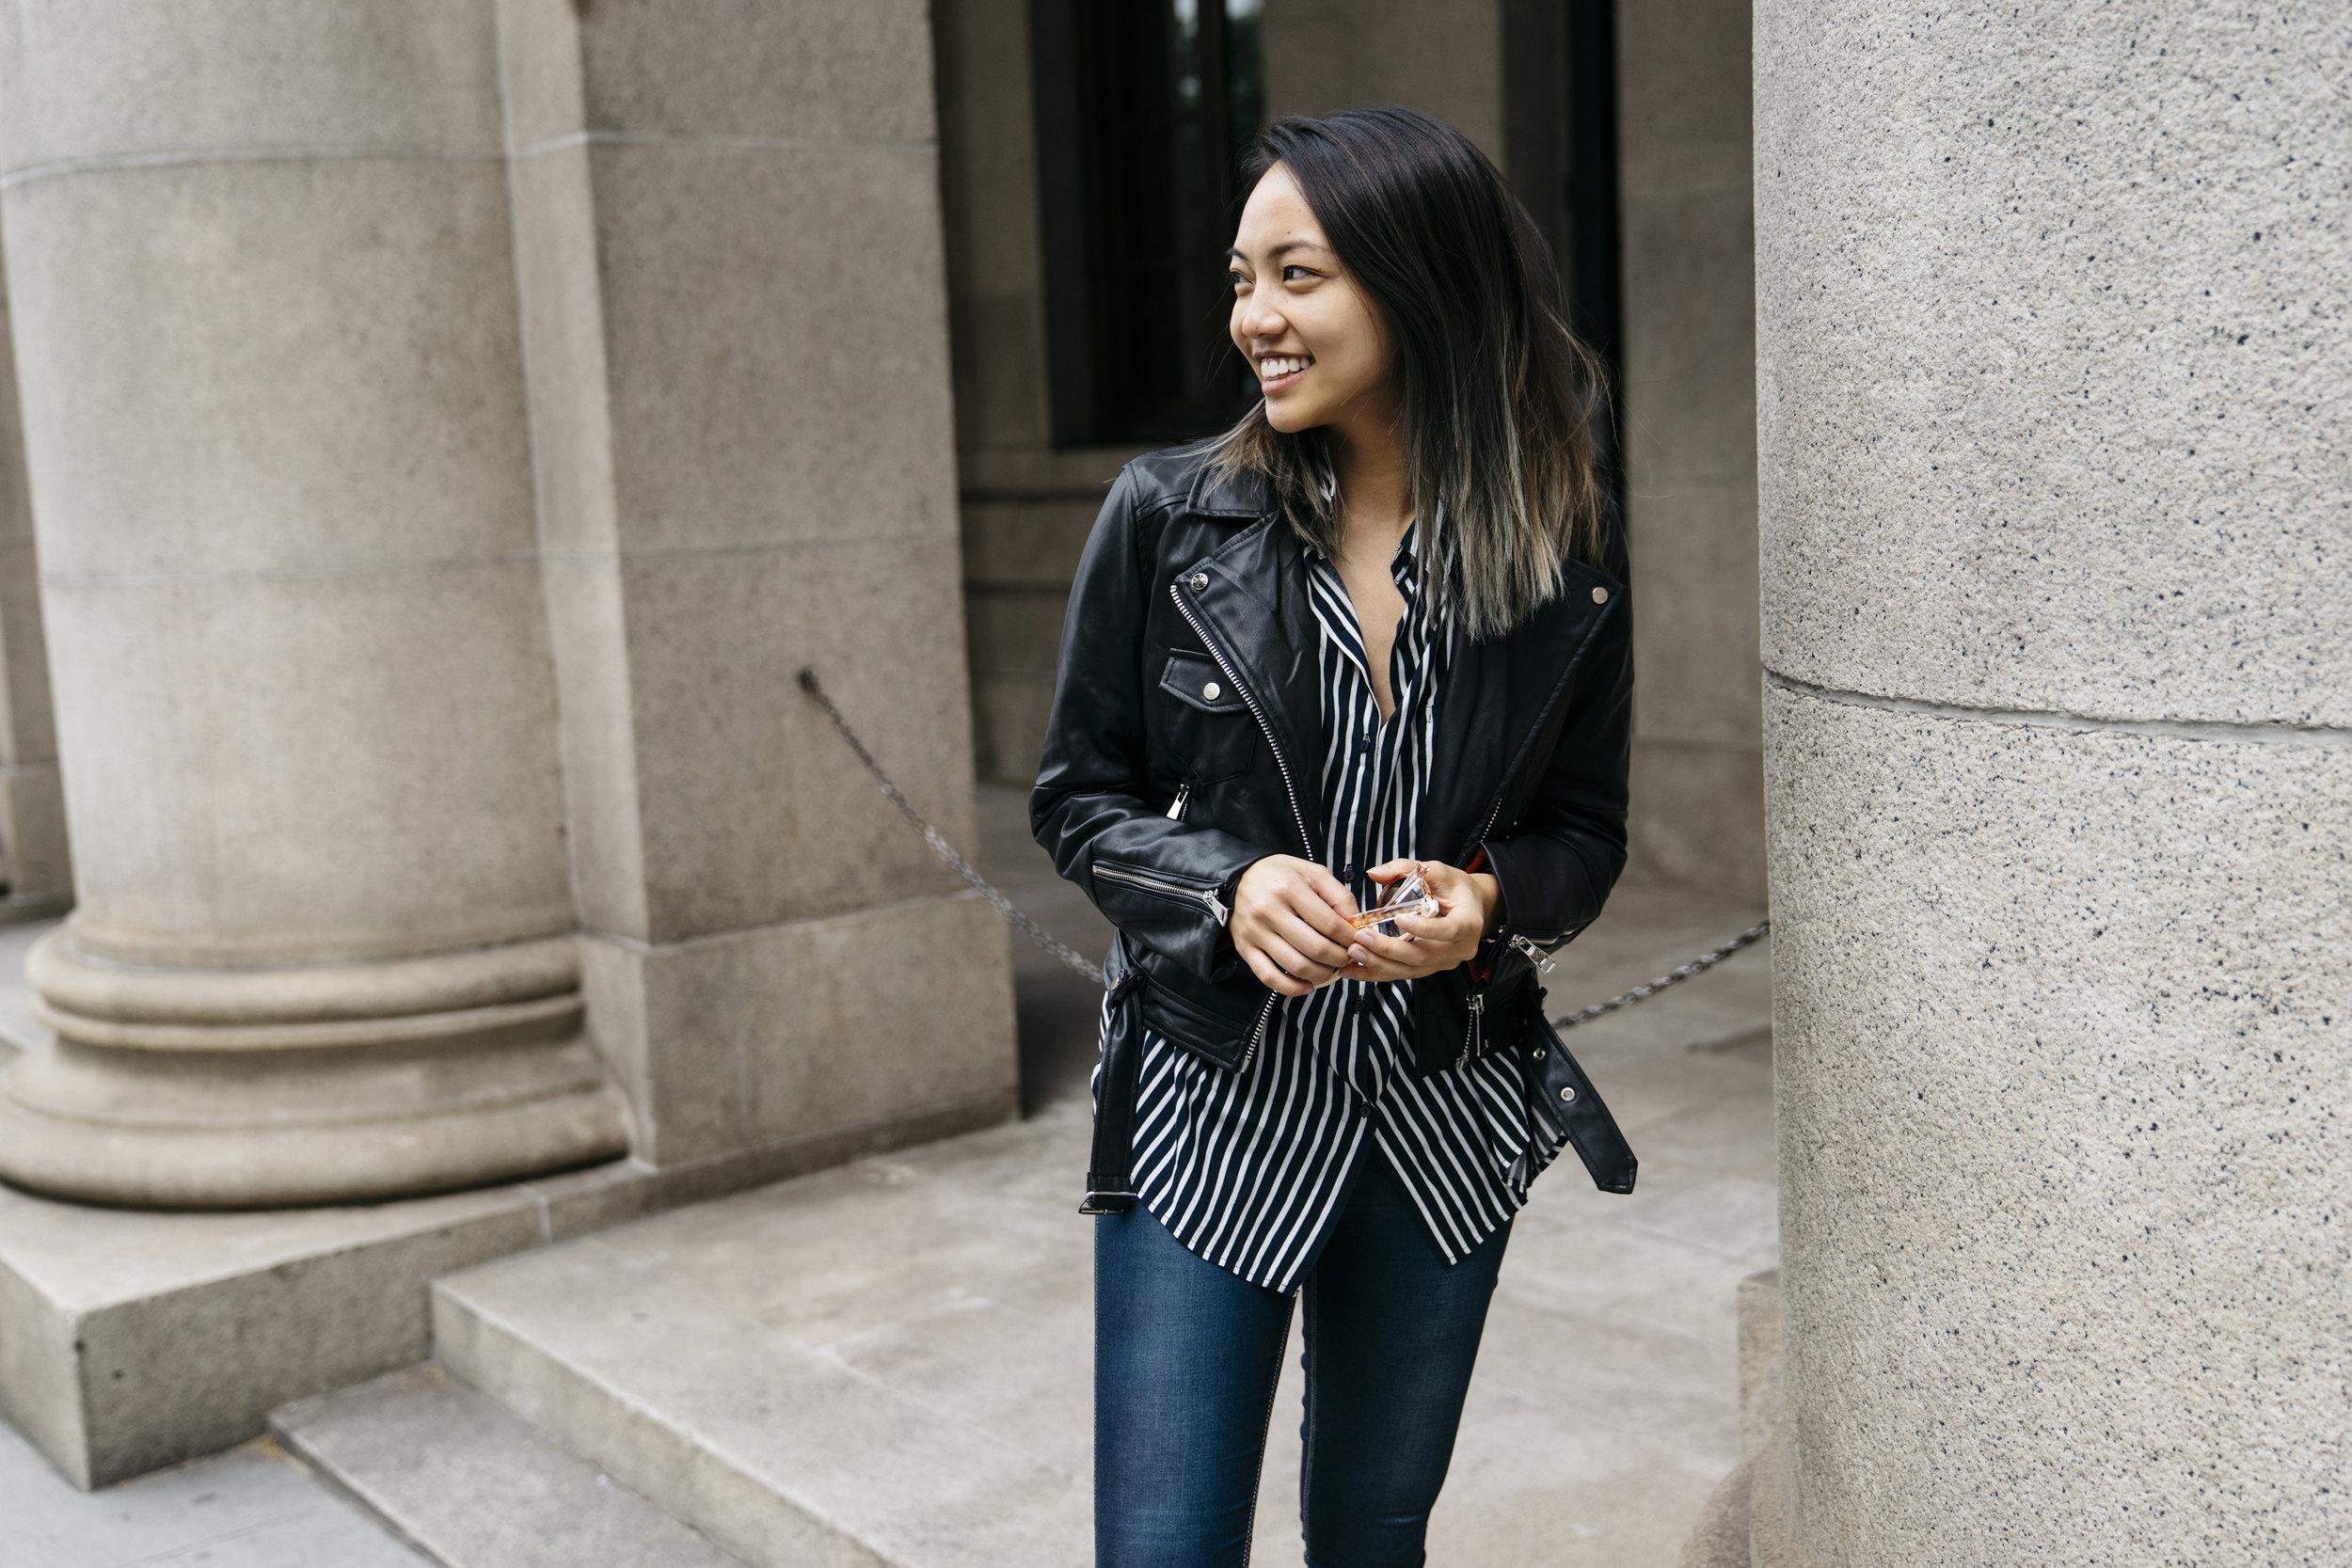 hey-yeh-pomelo-fashion-leather-stripes-02.jpg